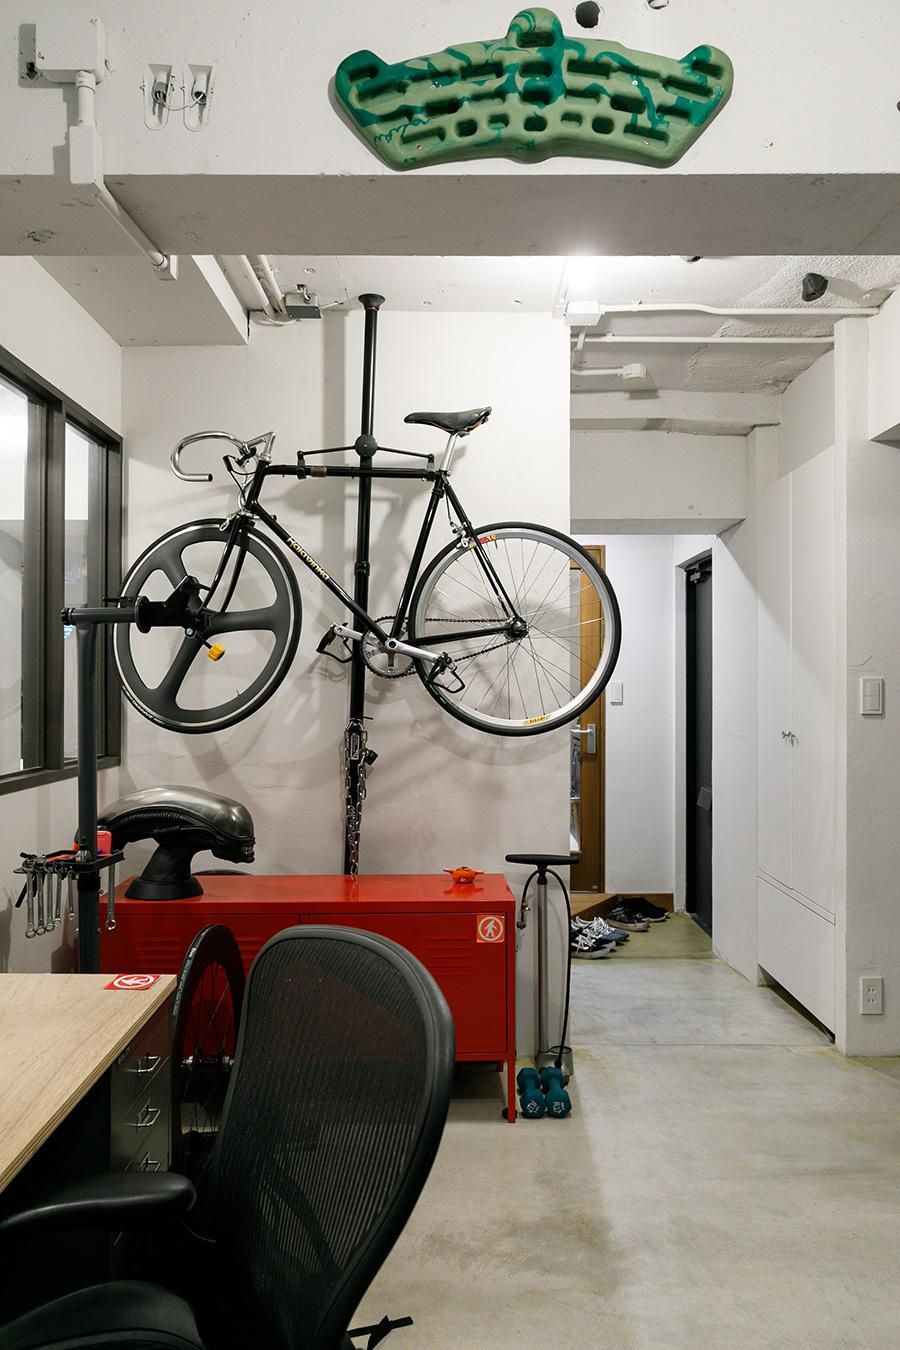 愛用の自転車はつっぱり棒タイプのラックにひっかけて。右手に見える玄関からすぐに出せるのも便利。